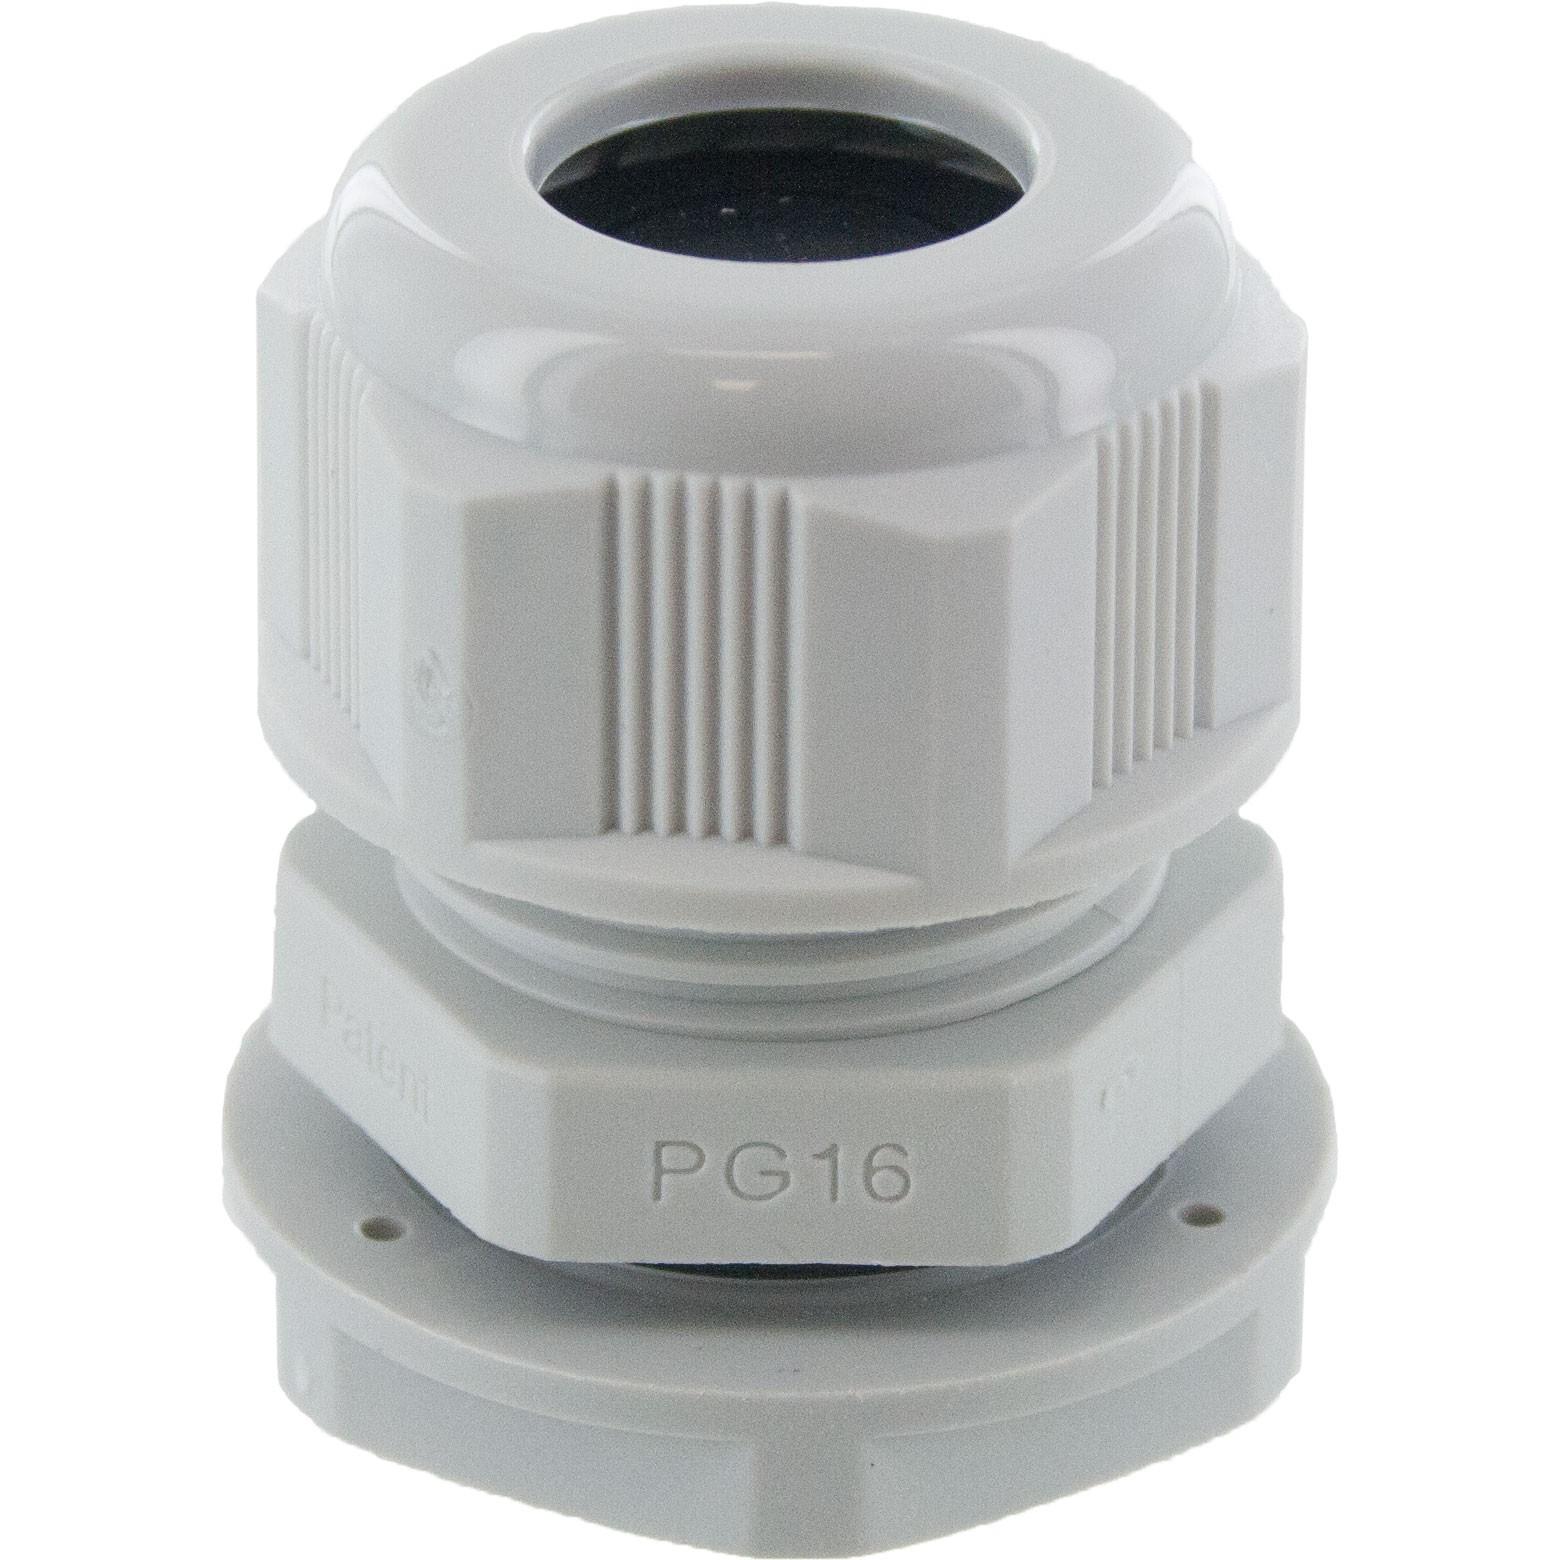 Сальник PG16 d9-13мм - изображение